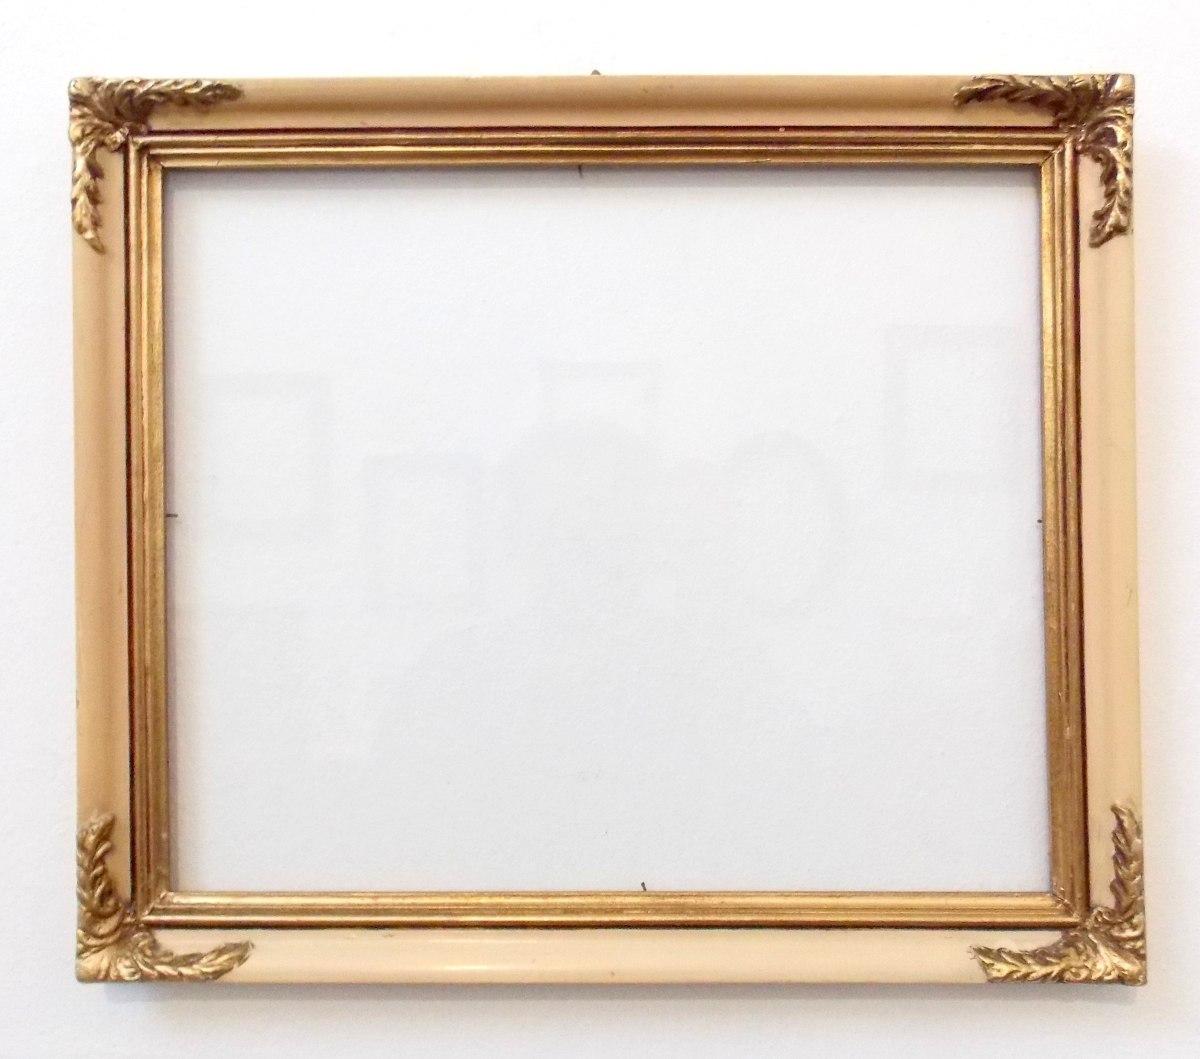 Marcos antiguo foto cuadro espejo 35x29 550 00 en - Marcos de cuadros para fotos ...